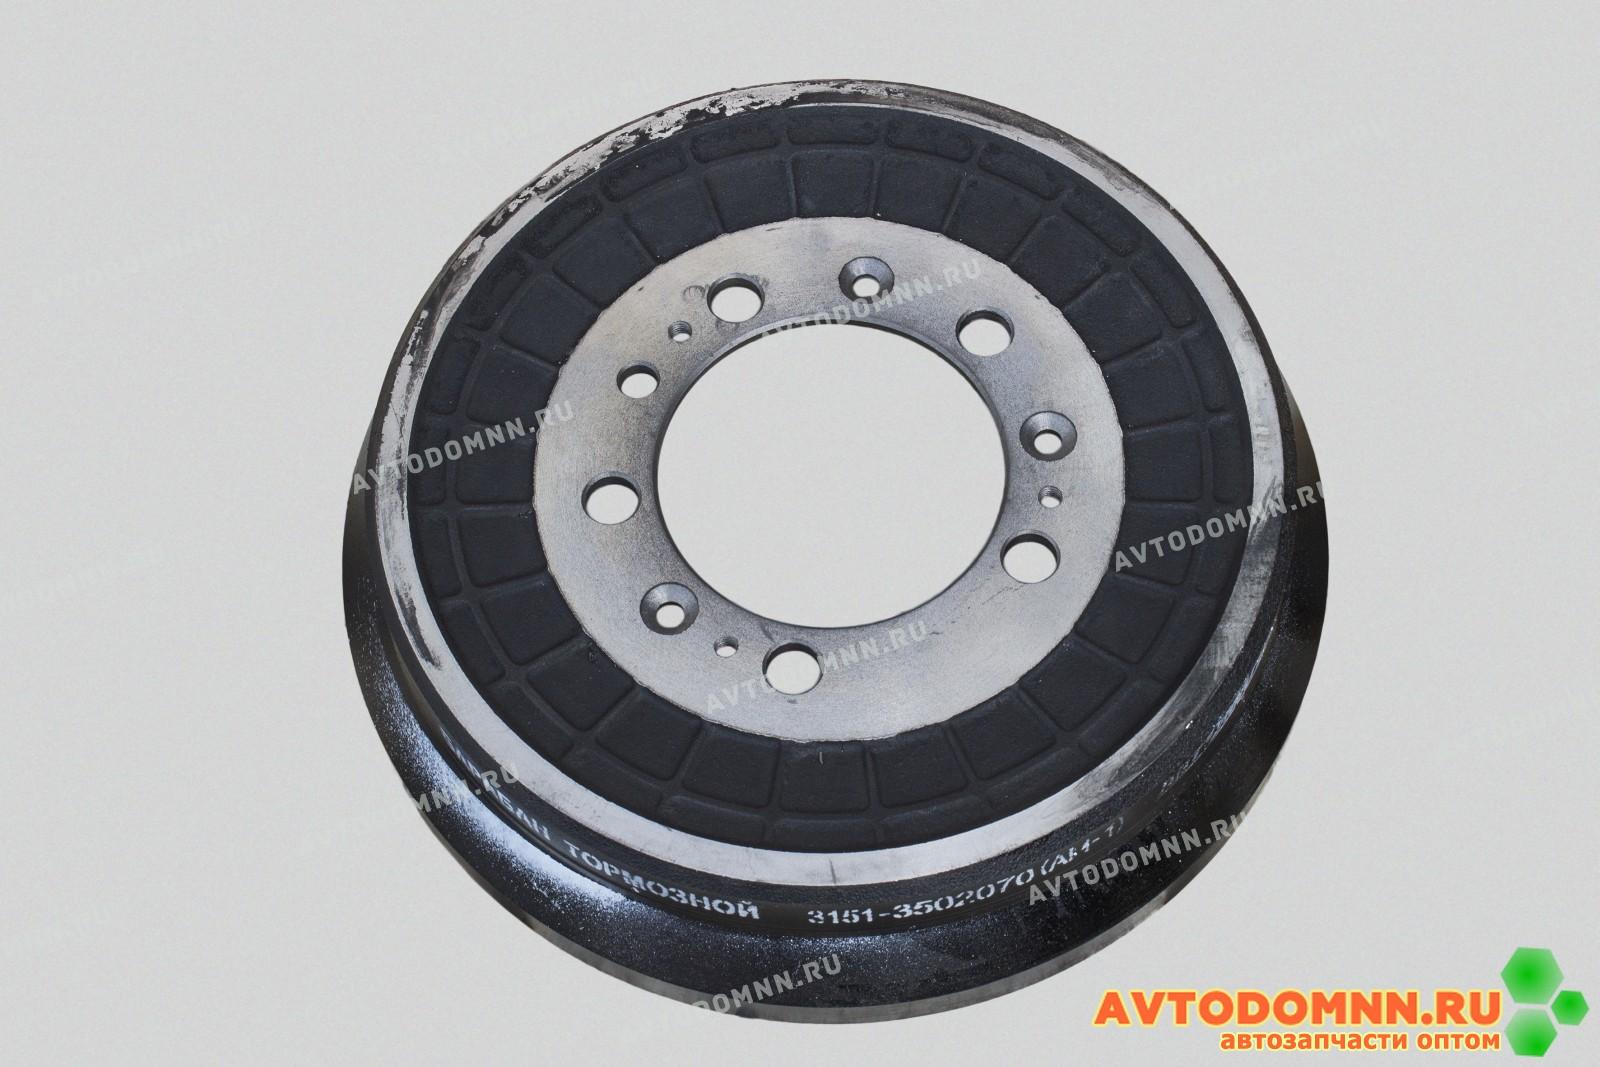 3151-3501070 барабан тормозной задний усиленный УАЗ-3151, 3163 Патриот, КАРГО (С АБС) (Динамическую балансировка, крашенный) (аналоги: 3151-00-3501070-95)